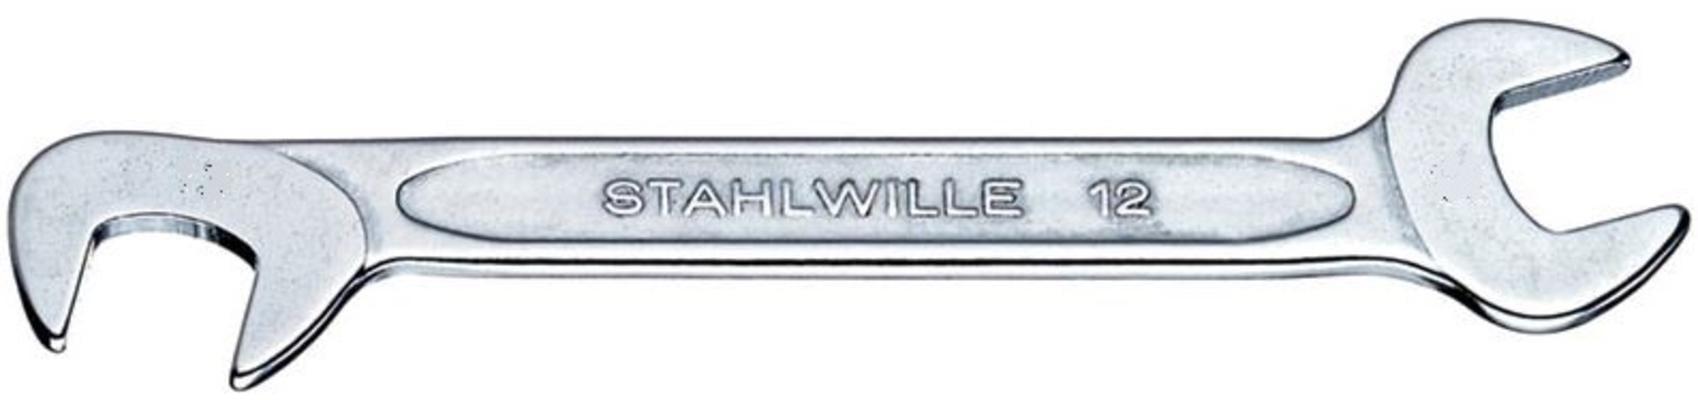 Pienoiskiintoavain, Stahlwille - Pienoiskiintoavain 3,2 mm